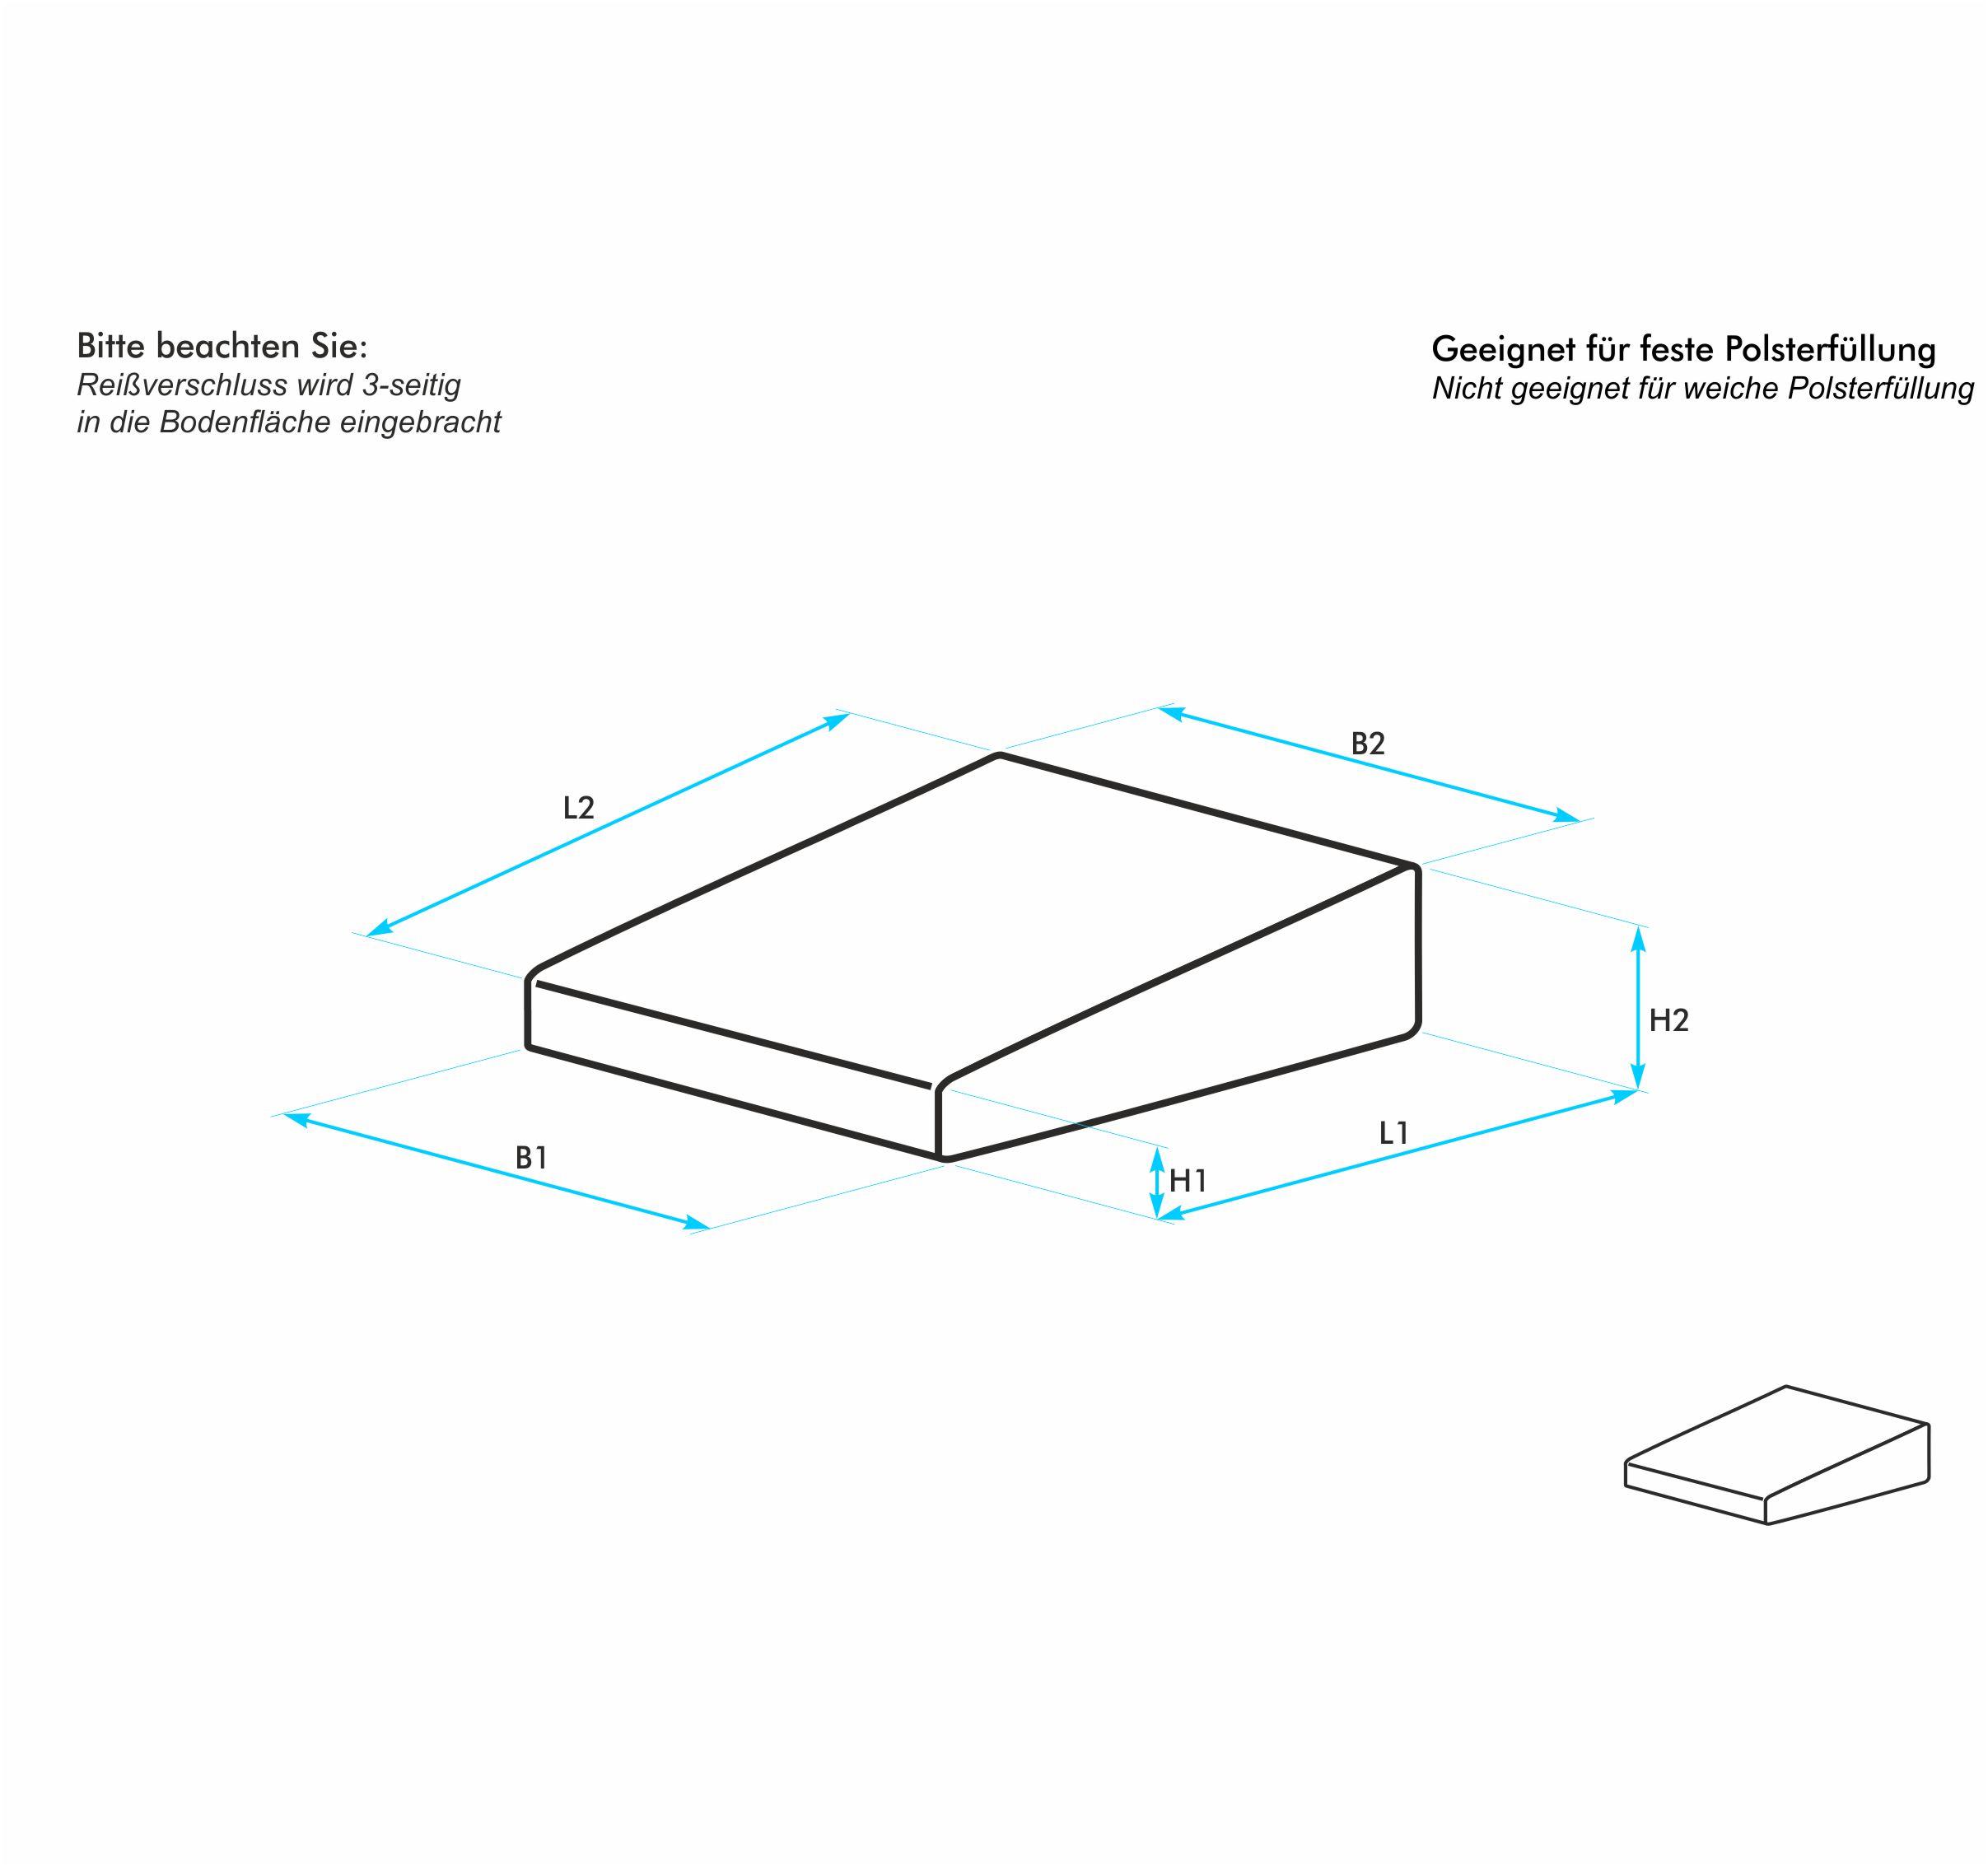 keilkissenbezug nach ma elastischer kissenbezug kissenh lle mit rei verschlu f r ein. Black Bedroom Furniture Sets. Home Design Ideas